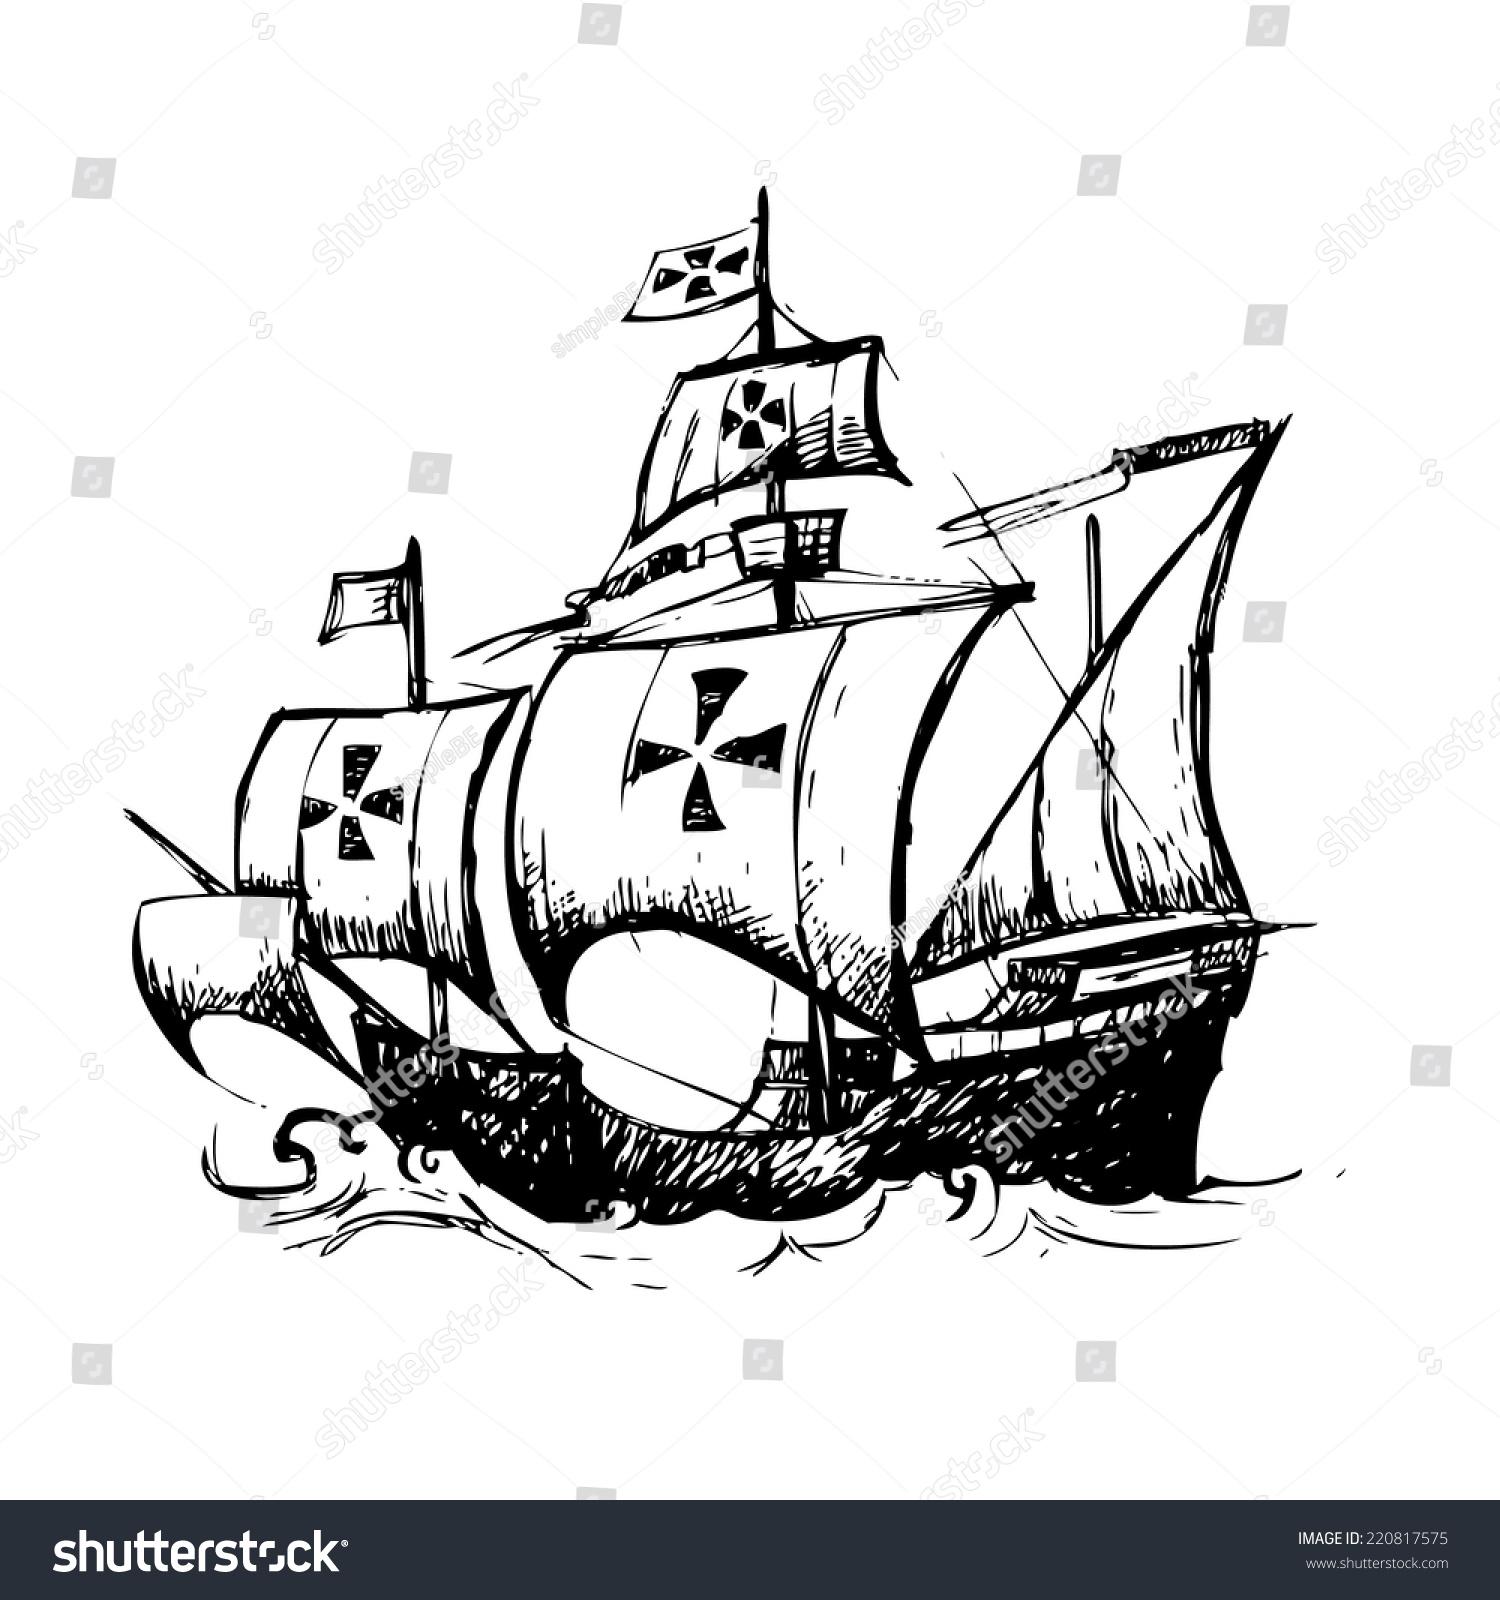 哥伦布船由铅笔手绘,用于哥伦布日-交通运输,假期-()